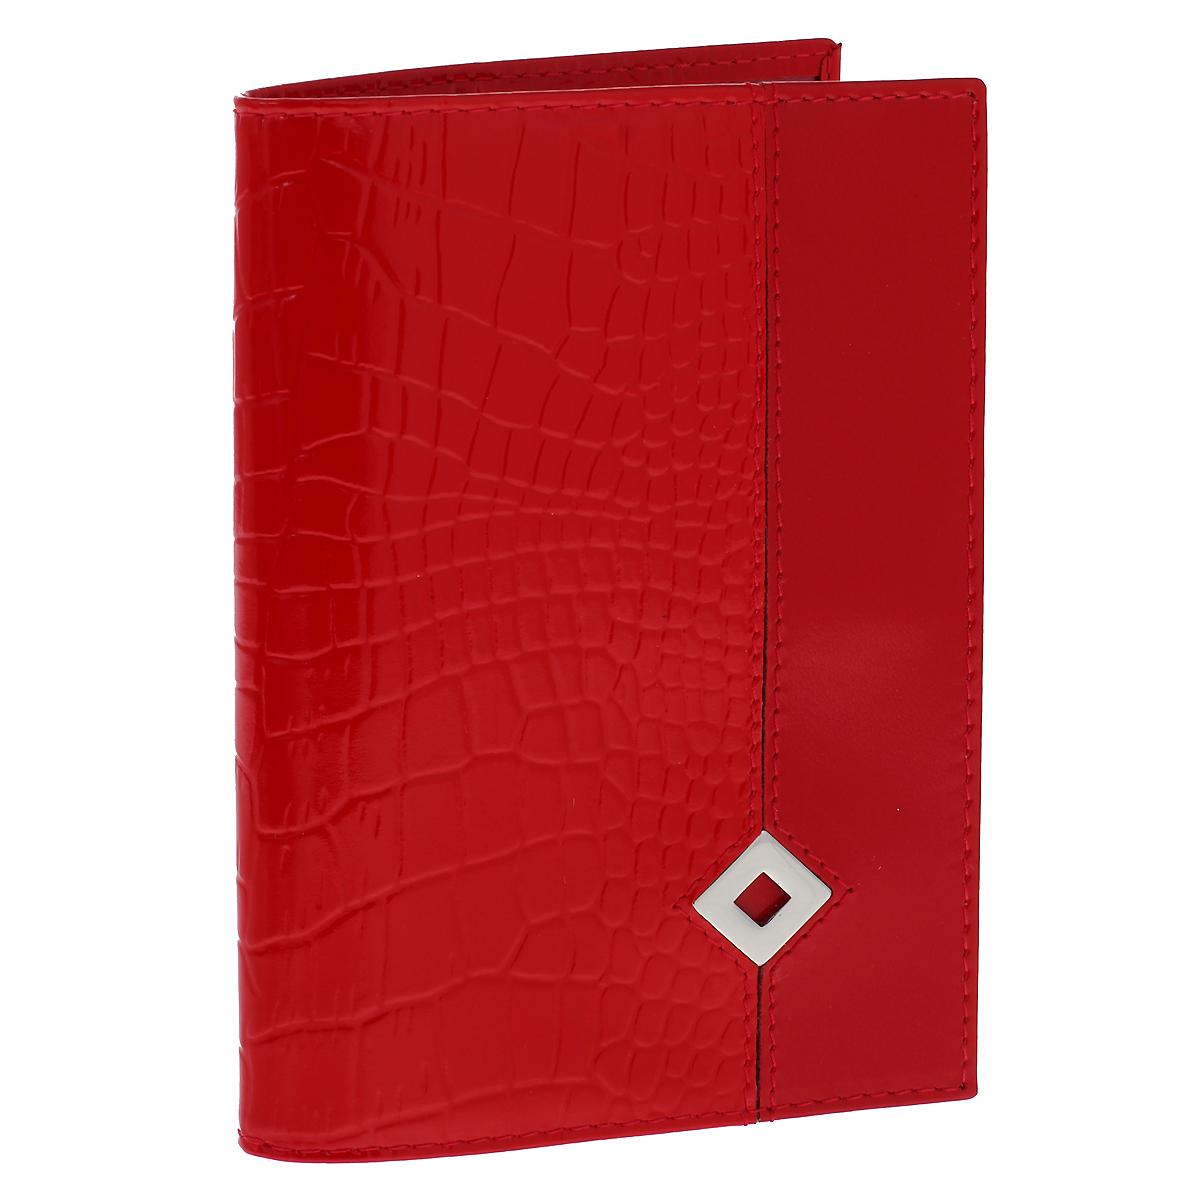 Обложка для паспорта Dimanche Papillon Rouge, цвет: красный. 330ICE 8508Обложка для паспорта Dimanche Papillon Rouge изготовлена из натуральной кожи красного цвета с декоративным тиснением под рептилию. Обложка украшена металлическим значком в виде ромба. Внутри обложка отделана атласным текстилем красного цвета с рисунком. На внутреннем развороте содержится два кармана из прозрачного пластика. Стильная обложка не только защитит ваши документы, но и станет стильным аксессуаром, подчеркивающим ваш образ. Изделие упаковано в фирменную коробку коричневого цвета с логотипом фирмы Dimanche. Характеристики:Материал: натуральная кожа, текстиль, пластик. Цвет: красный. Размер обложки: 9,5 см х 13,8 см.